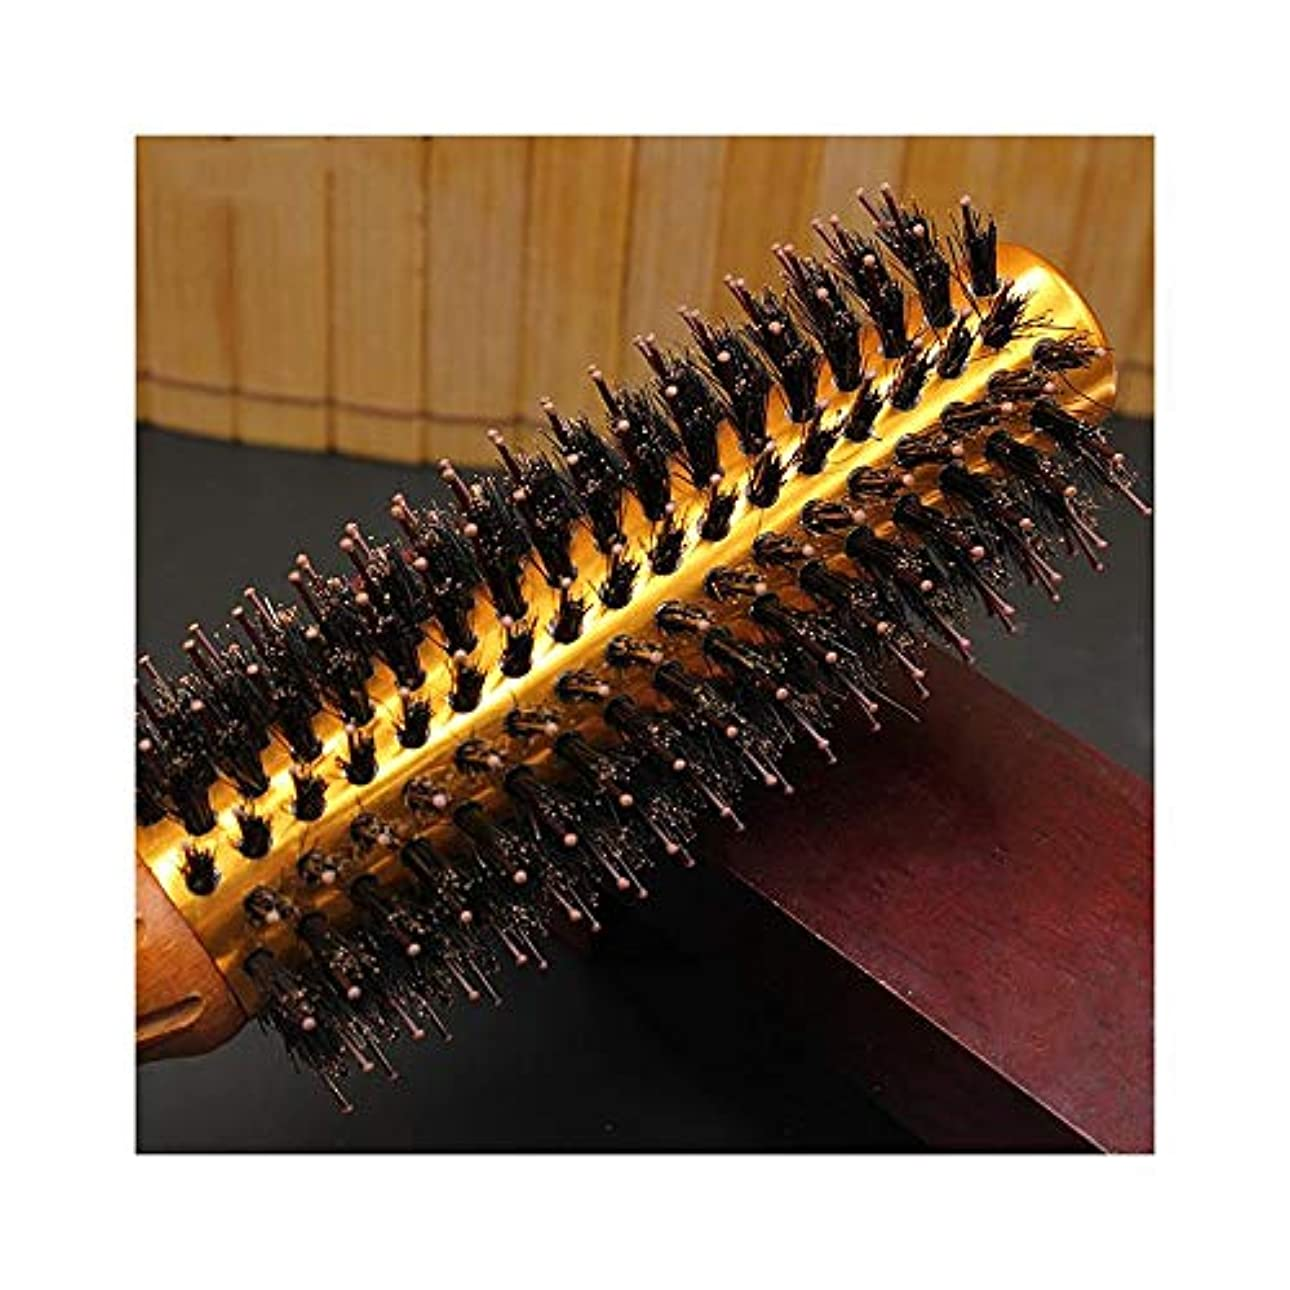 クルー魂ストレンジャーWASAIO ヘアブラシブラシラウンドブロー乾燥自然毛スタイリング用ナイロンプロくし (サイズ : L)